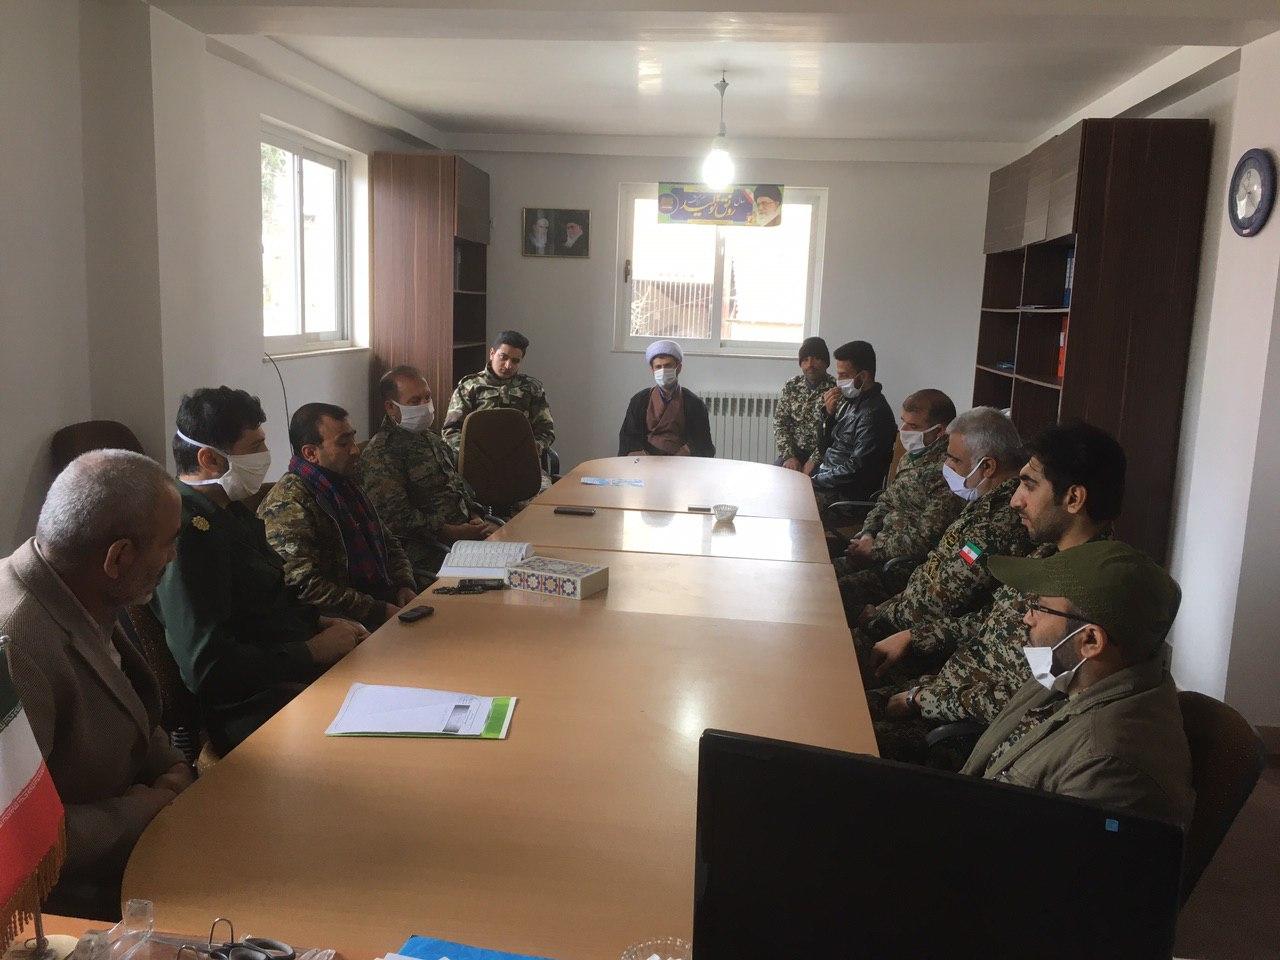 رزمایش دفاع بیولوژیک سپاه چهاردانگه در شهر کیاسر